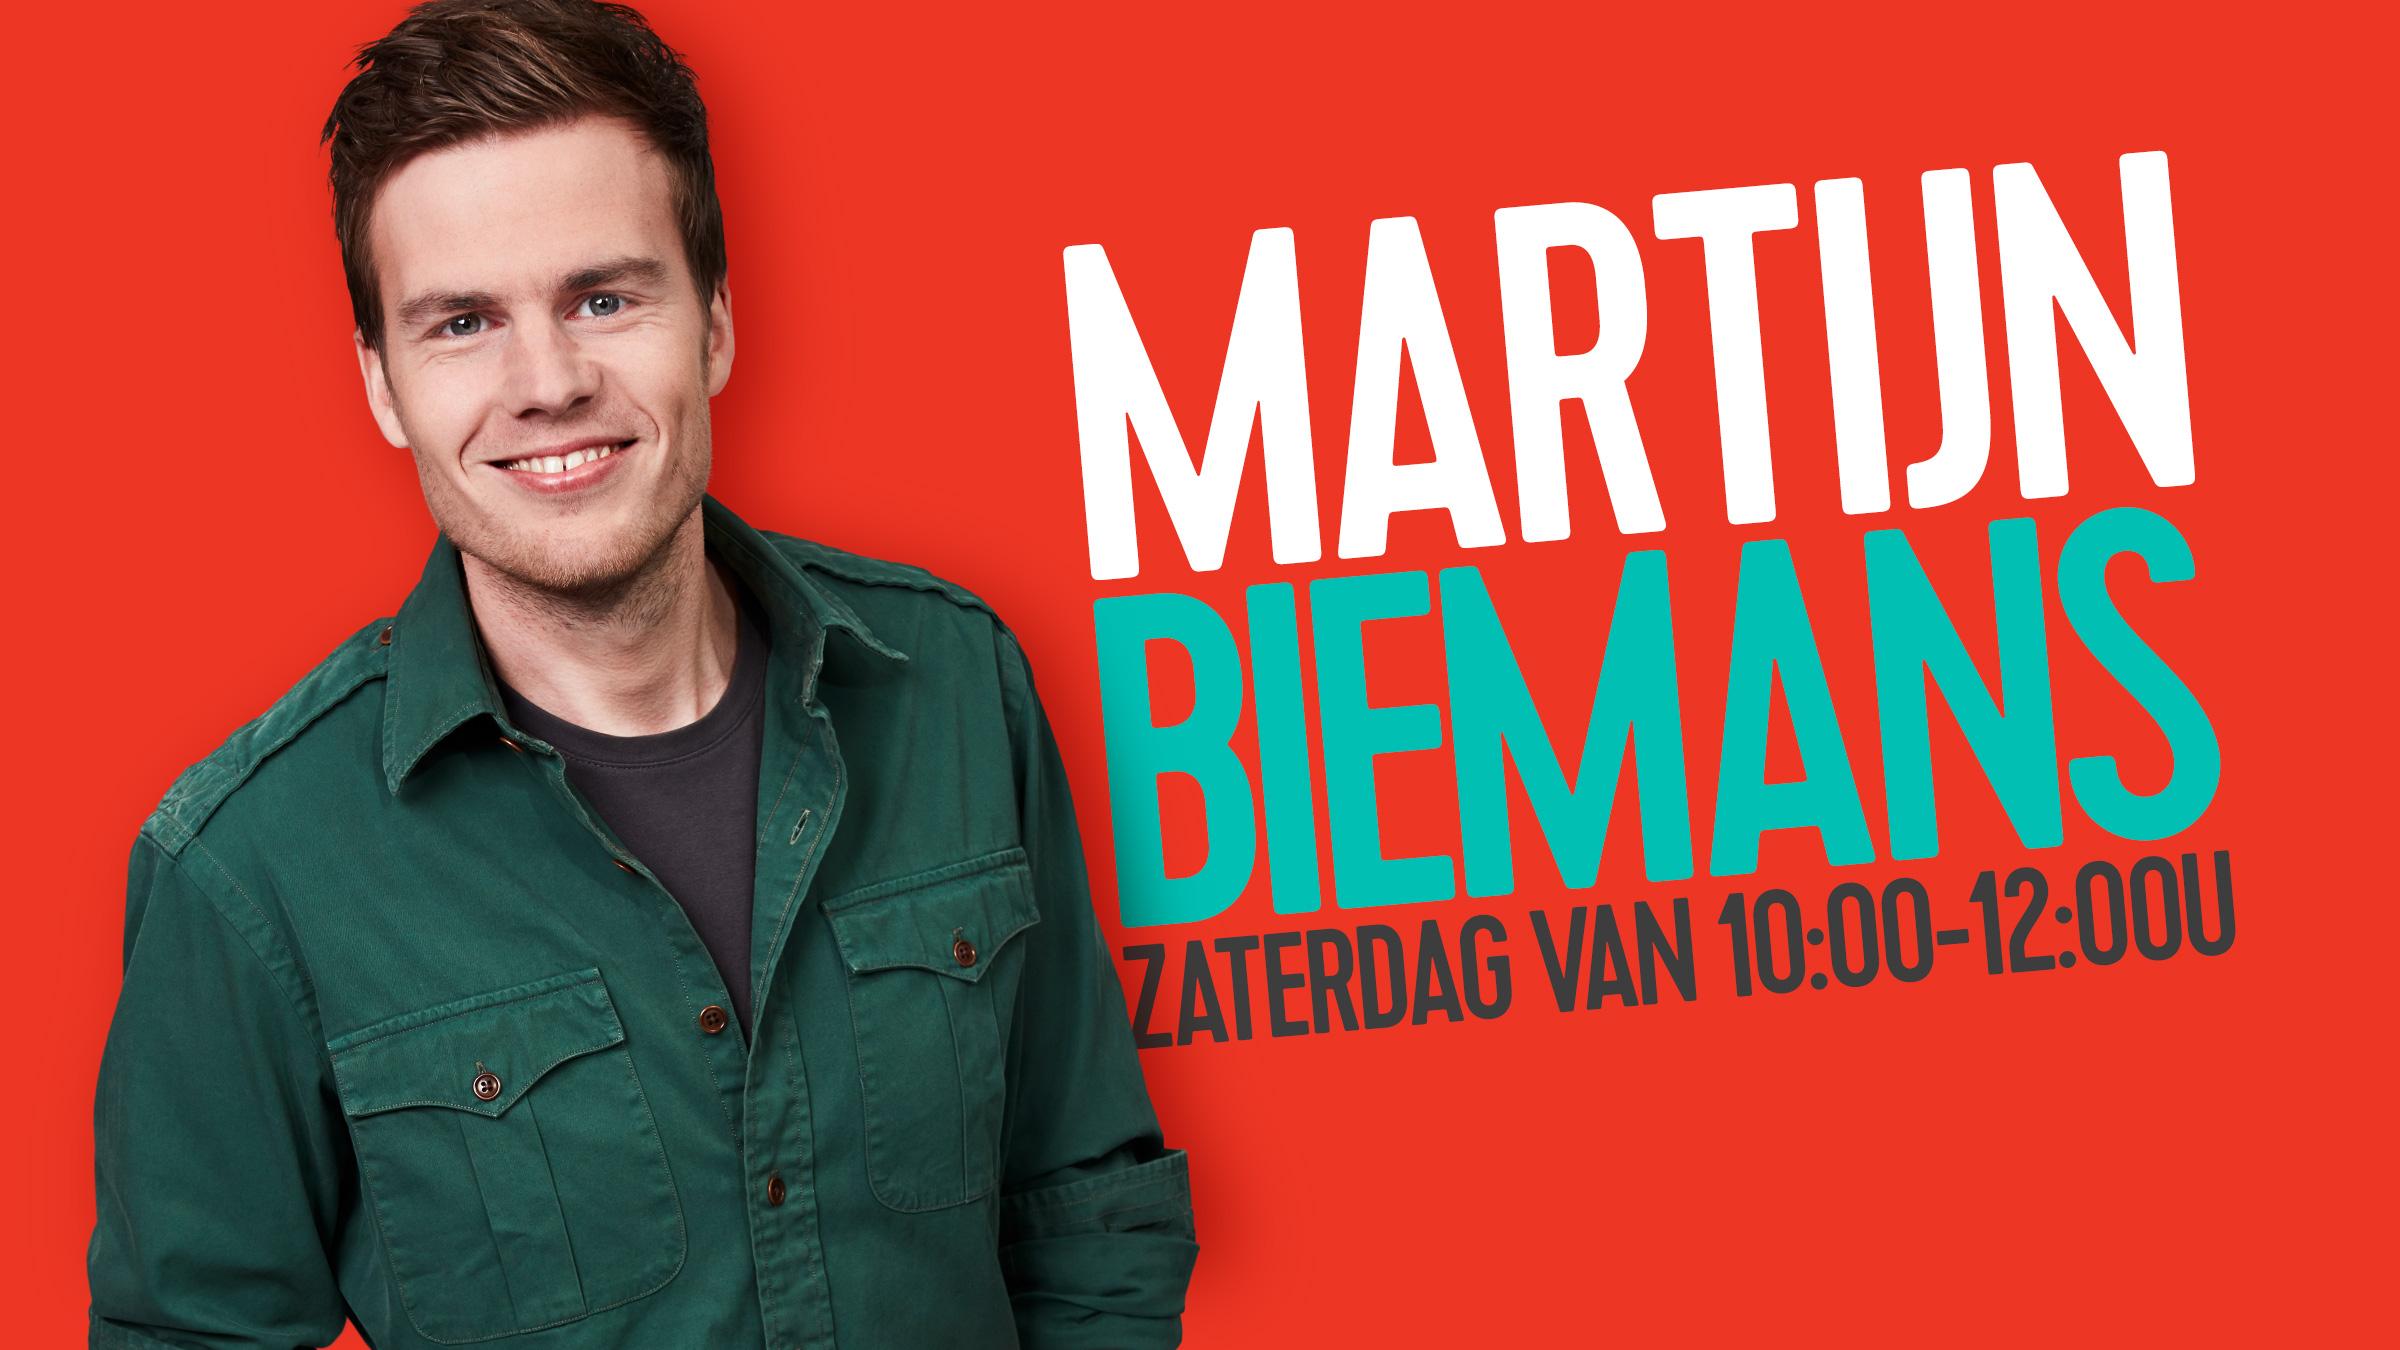 Martijn b